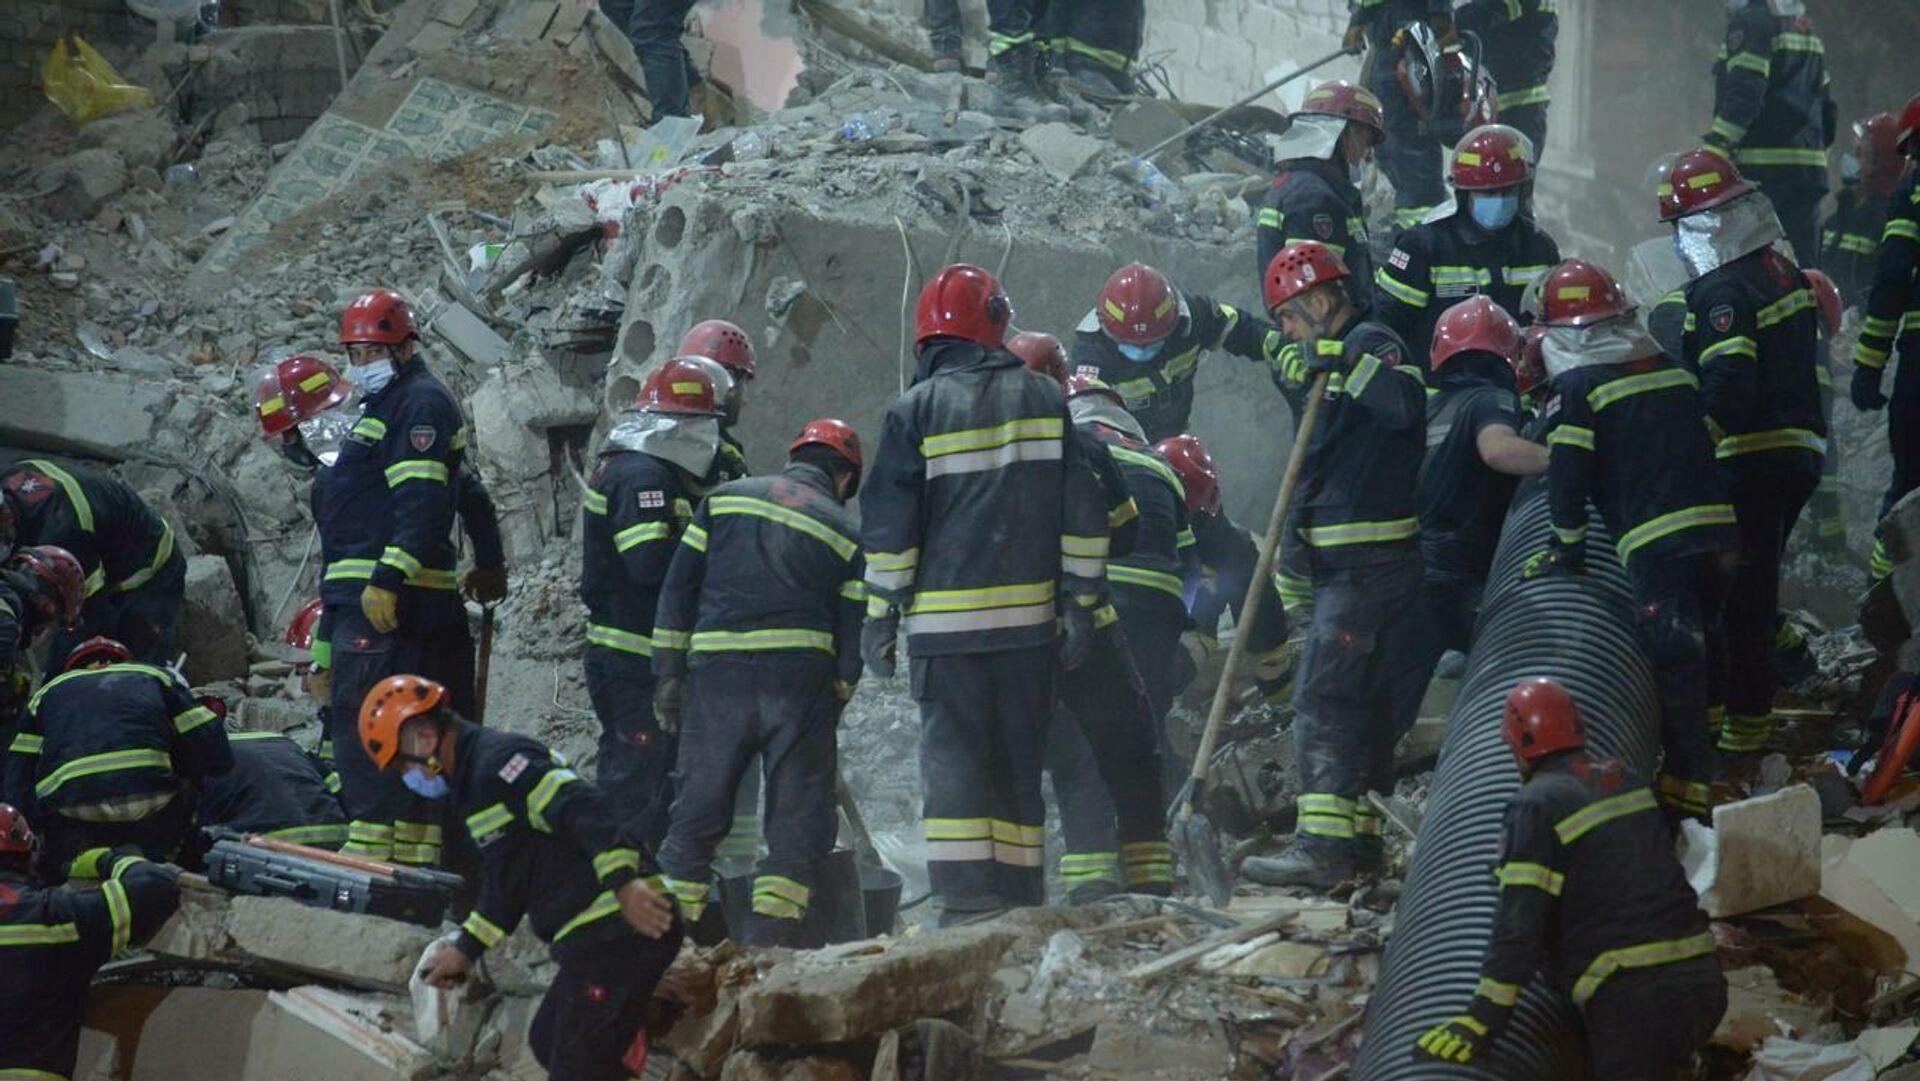 Ночная спасательная операция на месте обрушения жилого дома в Батуми 8 октября 2021 года - Sputnik Грузия, 1920, 14.10.2021